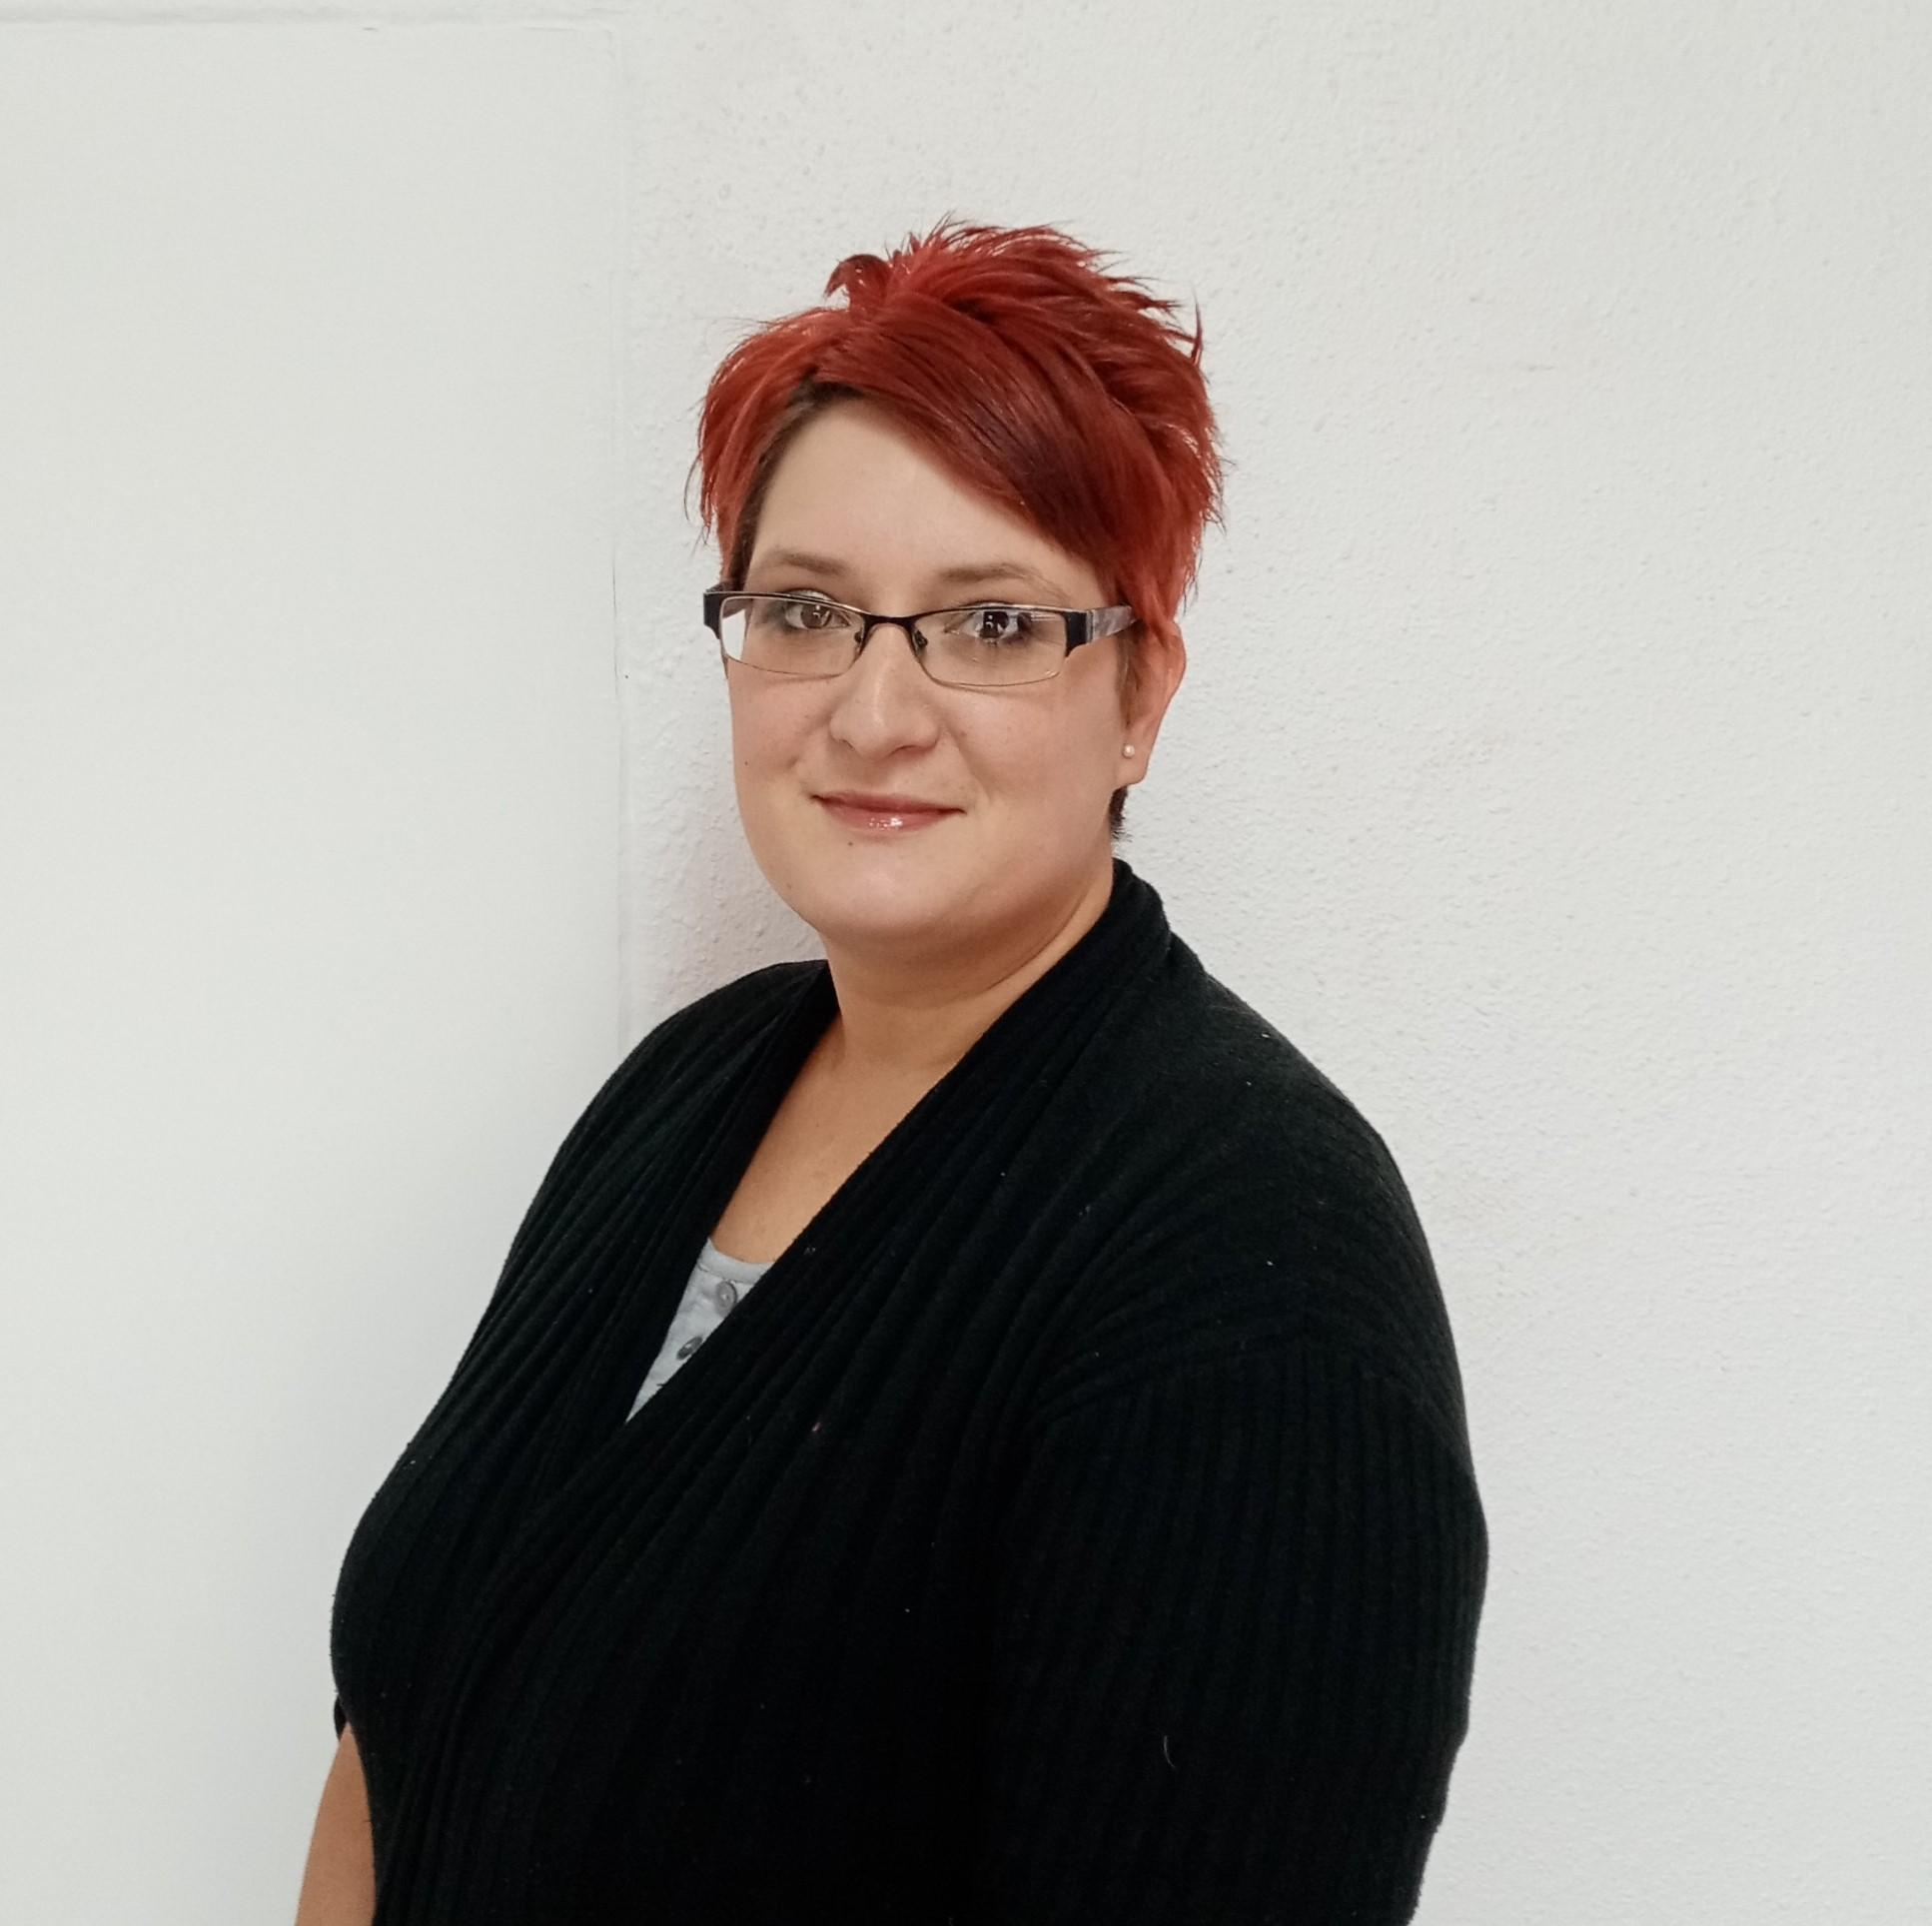 Karen Brand